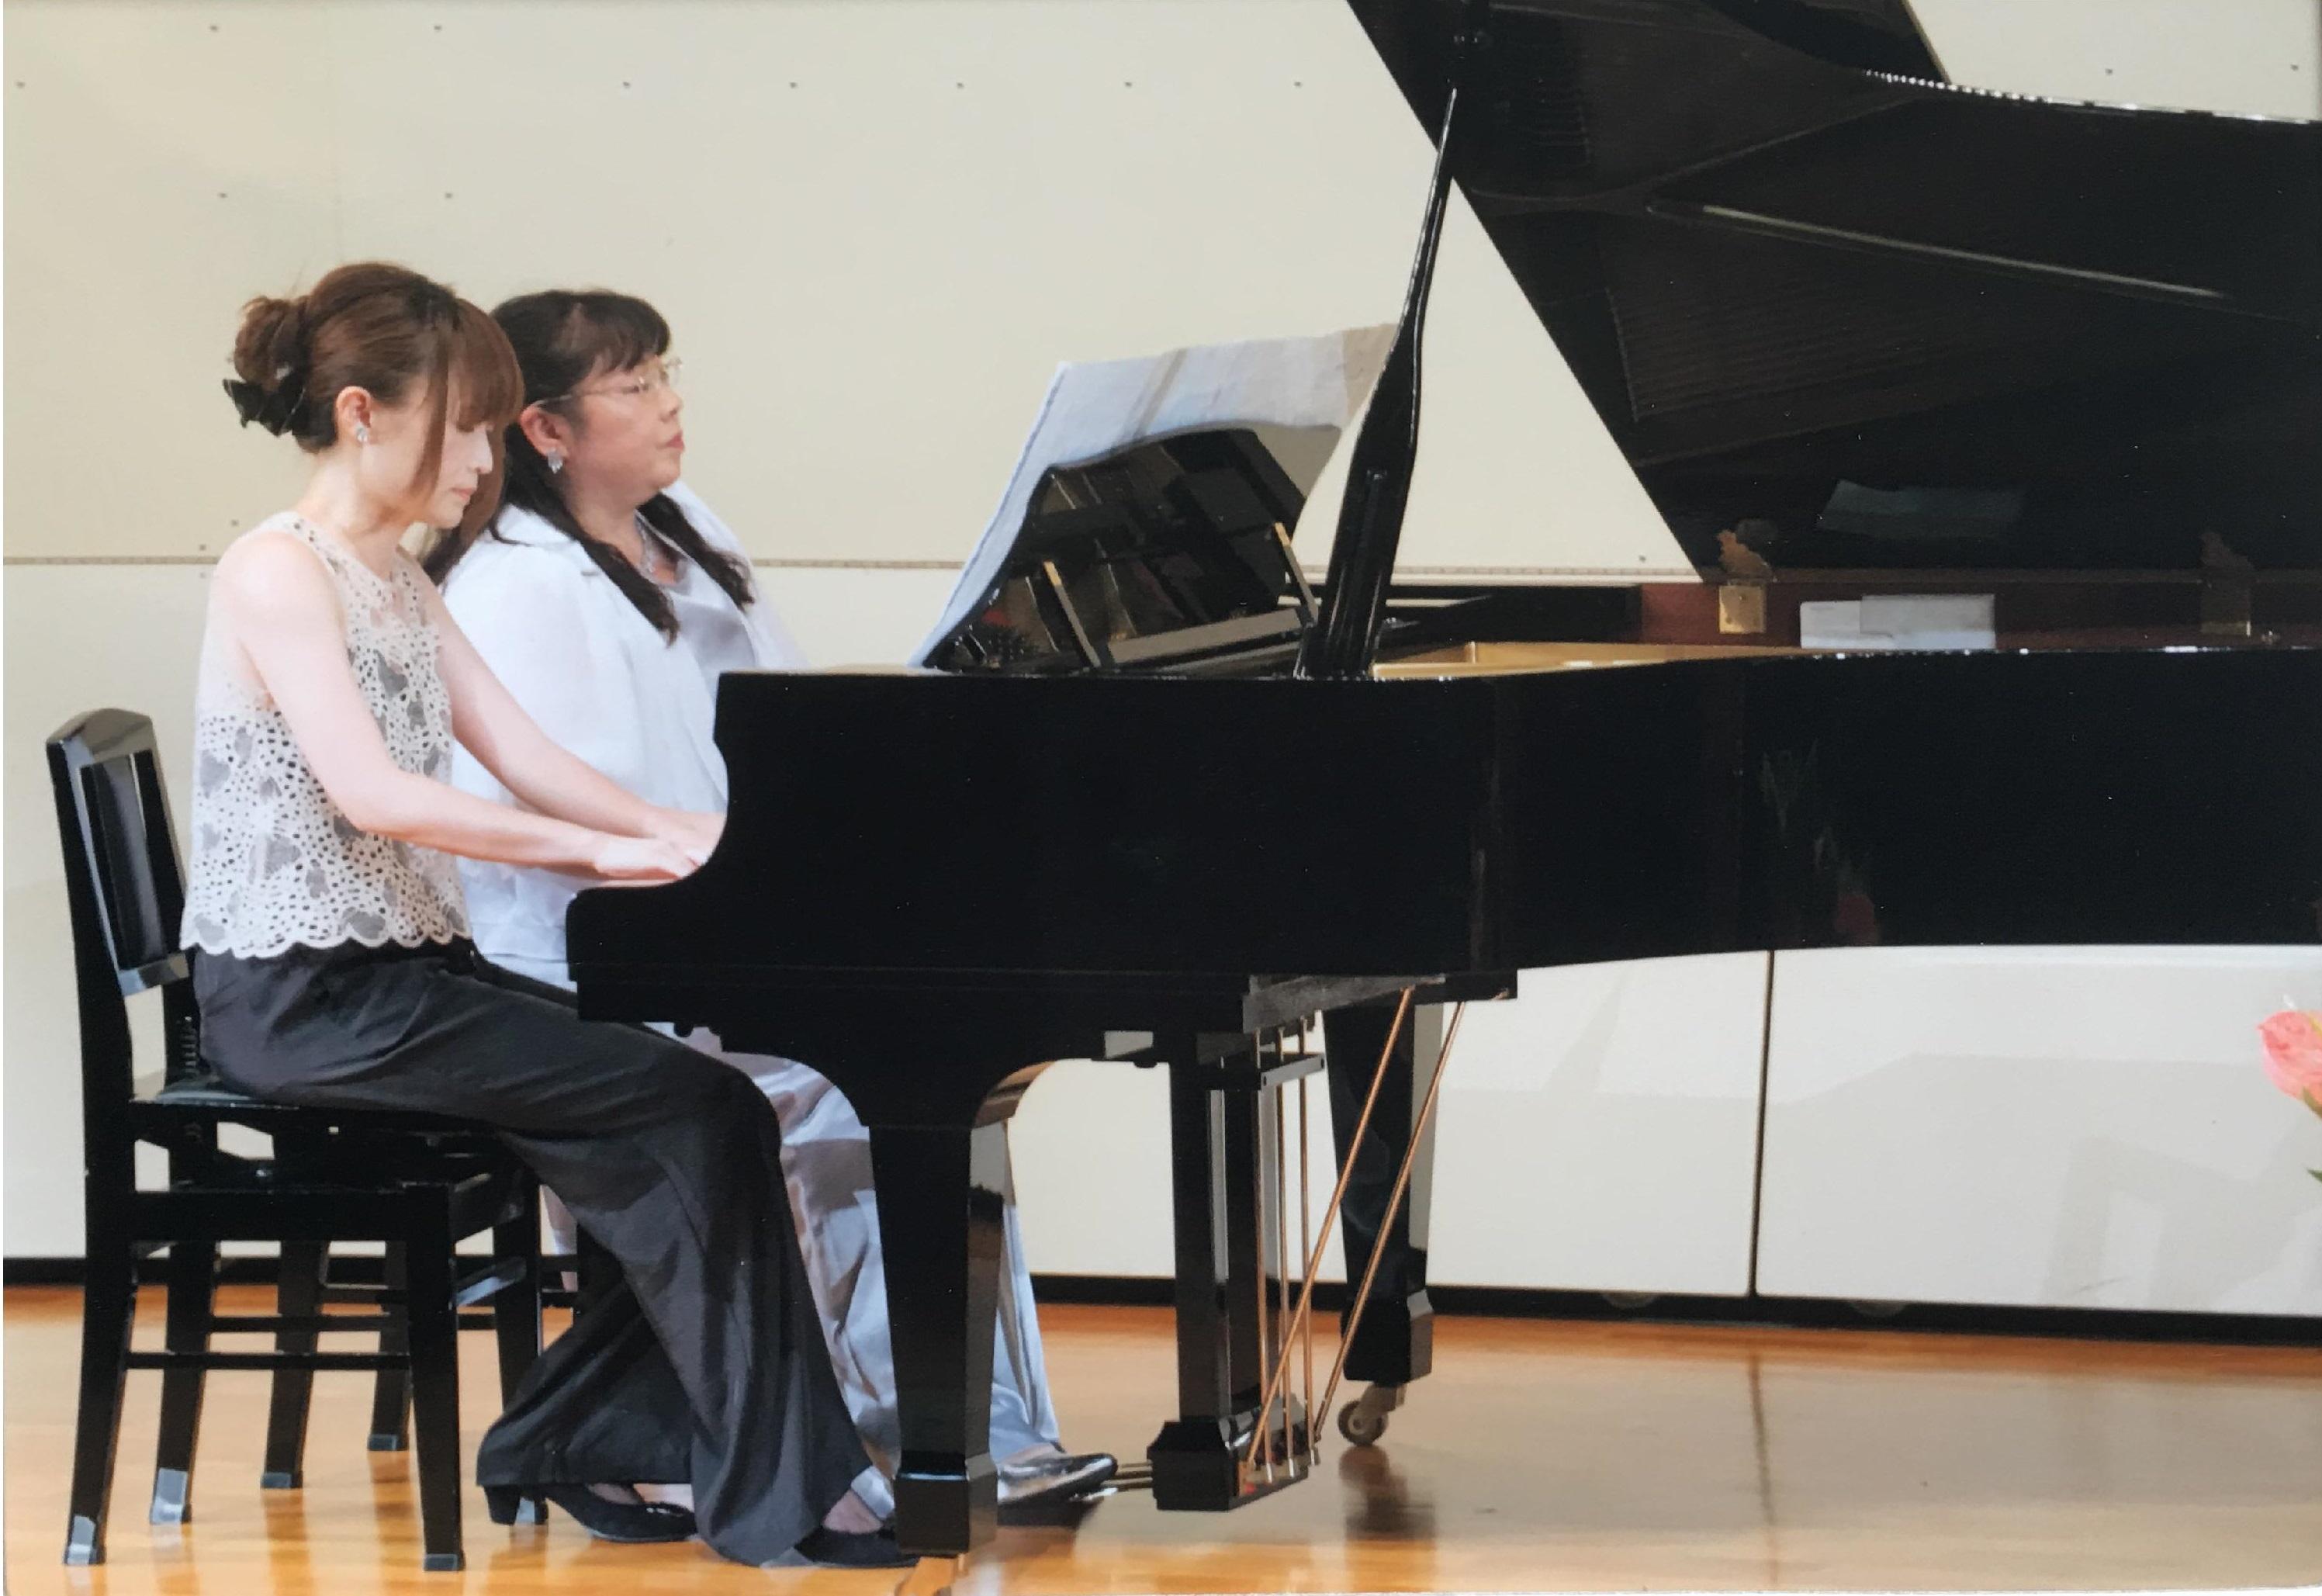 発表会では先生もミューチェとして演奏しました。生徒と一緒に頑張っています。